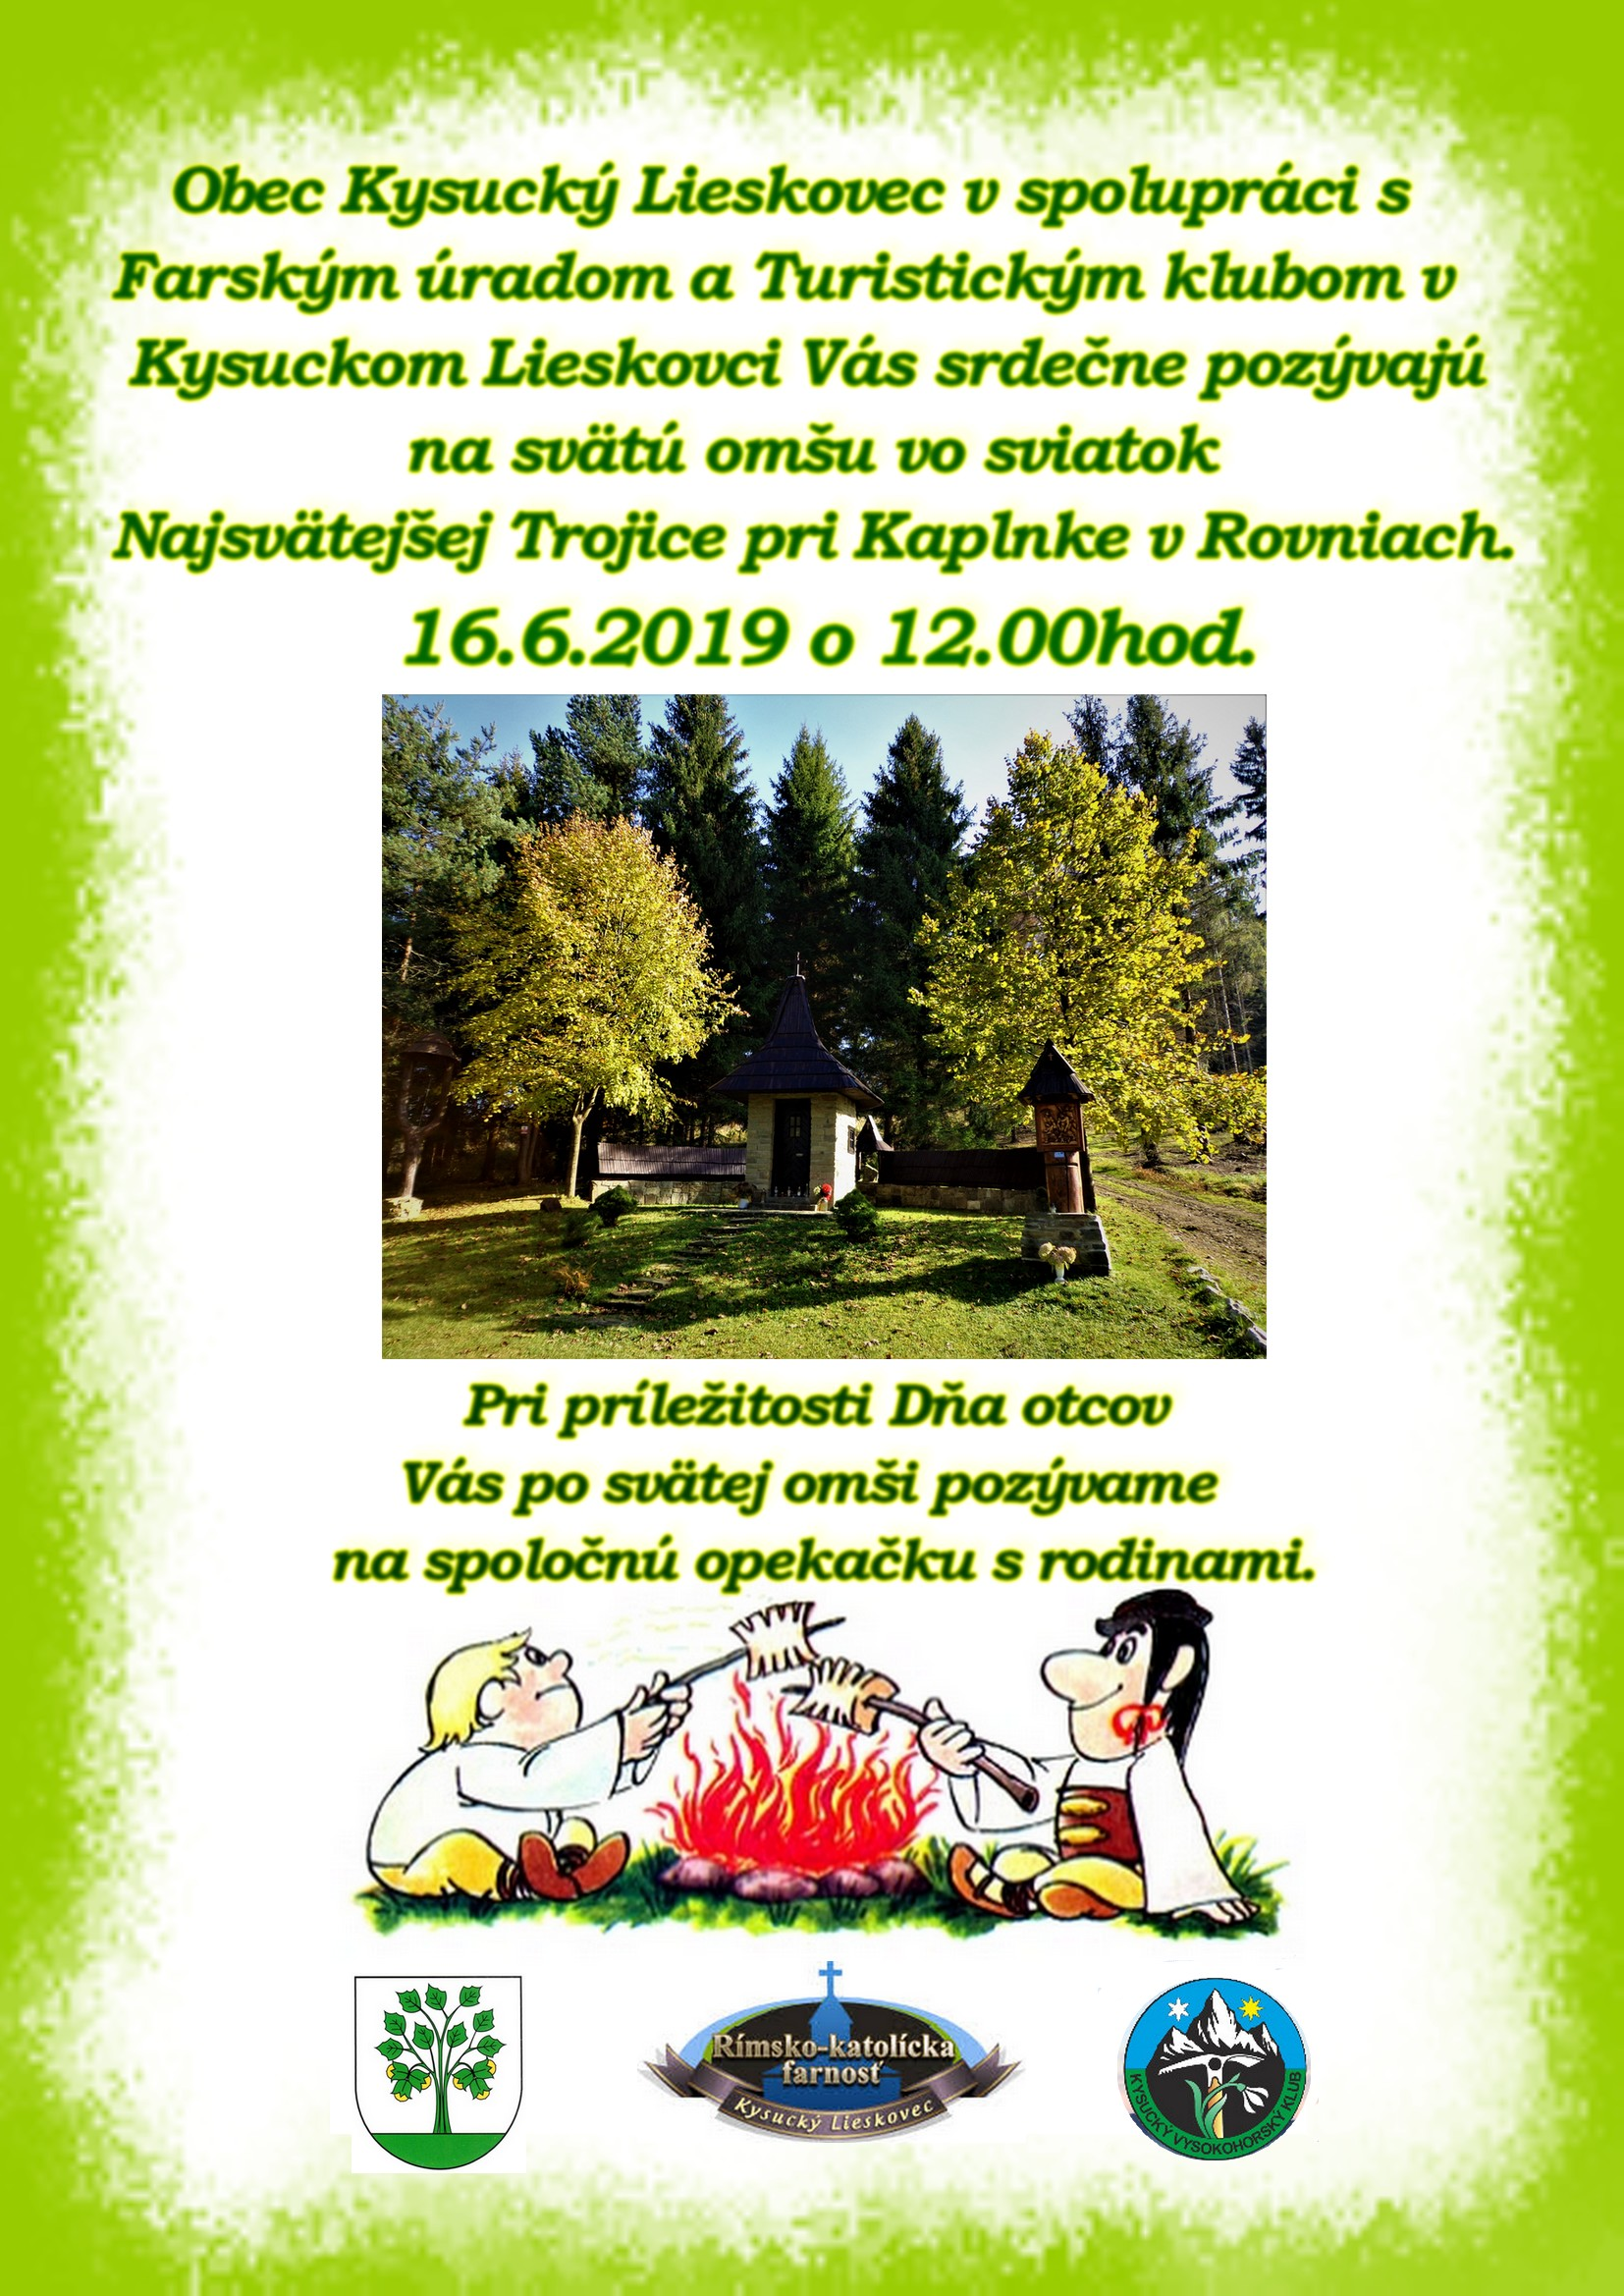 Kysucky Lieskovec falu, a plébánia Hivatalával és a Kysucky Lieskovec-i Turisztikai Klubtal együttműködve meghívja Önt a Szent Szentháromság ünnepére a Rovne-i kápolnában. 2019. június 16. 12:00 órakor